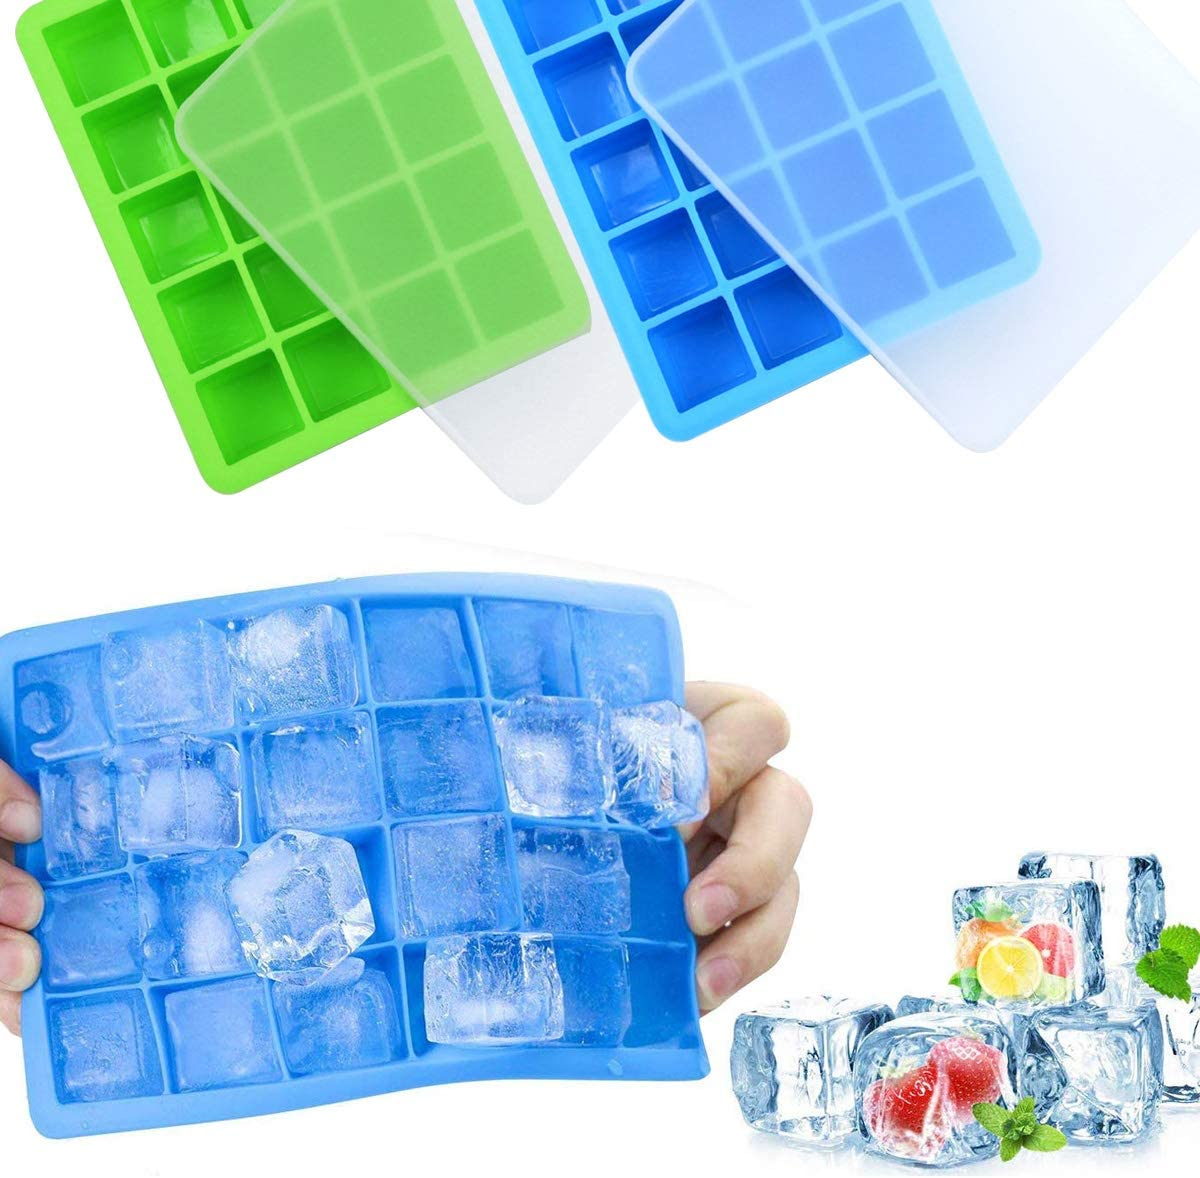 gla/çons Non Toxiques sans BPA Bleu + Vert lib/ération Facile et Flexible Fodlon Moule /à gla/çons,Paquet de 2 moules /à gla/çons en Silicone 20 Grands et Petits gla/çons carr/és